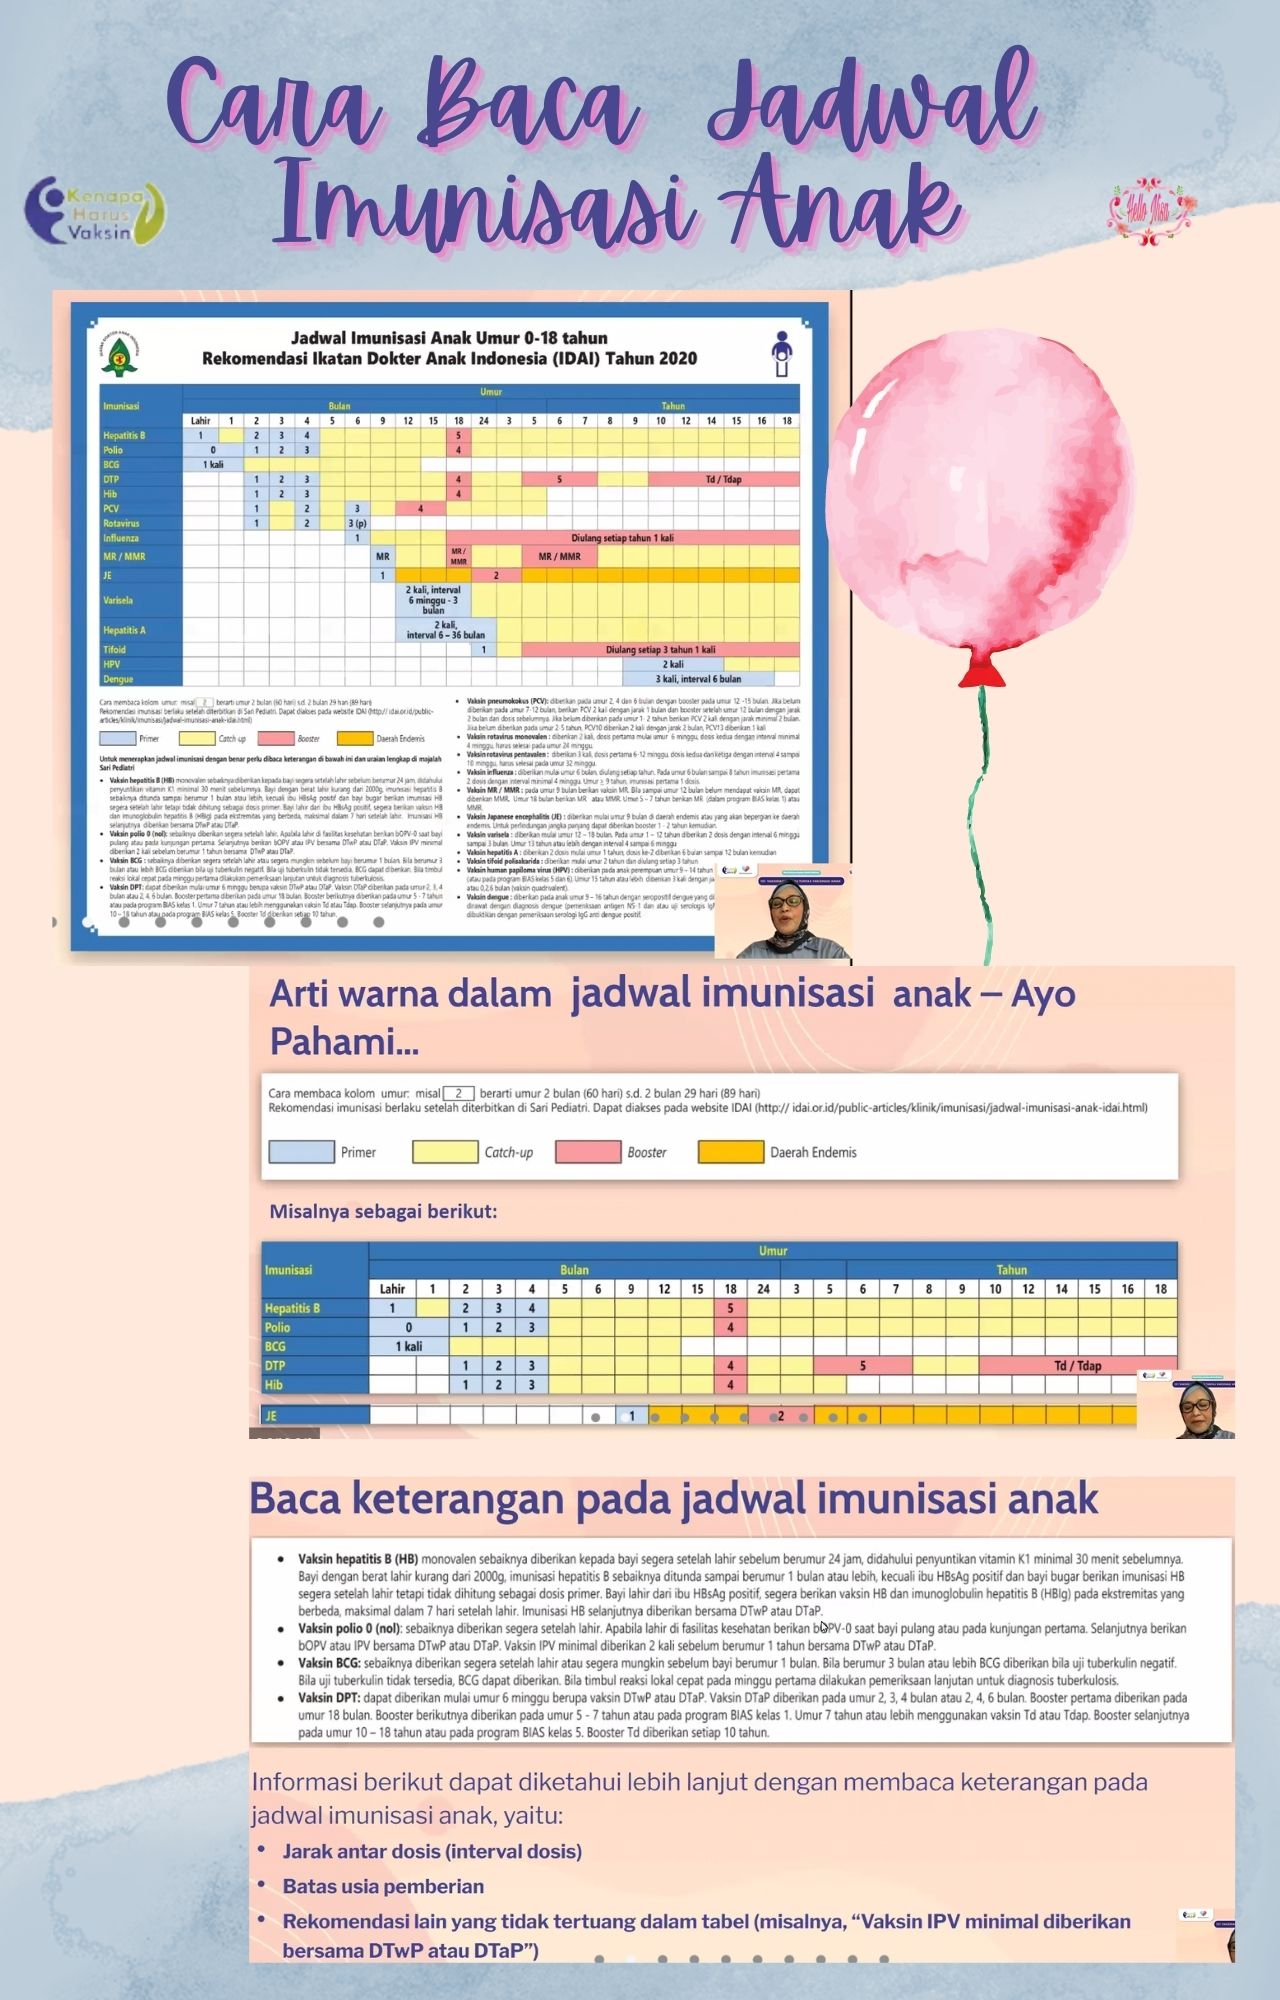 cara-baca-jadwal-vaksin-IDAI-2020